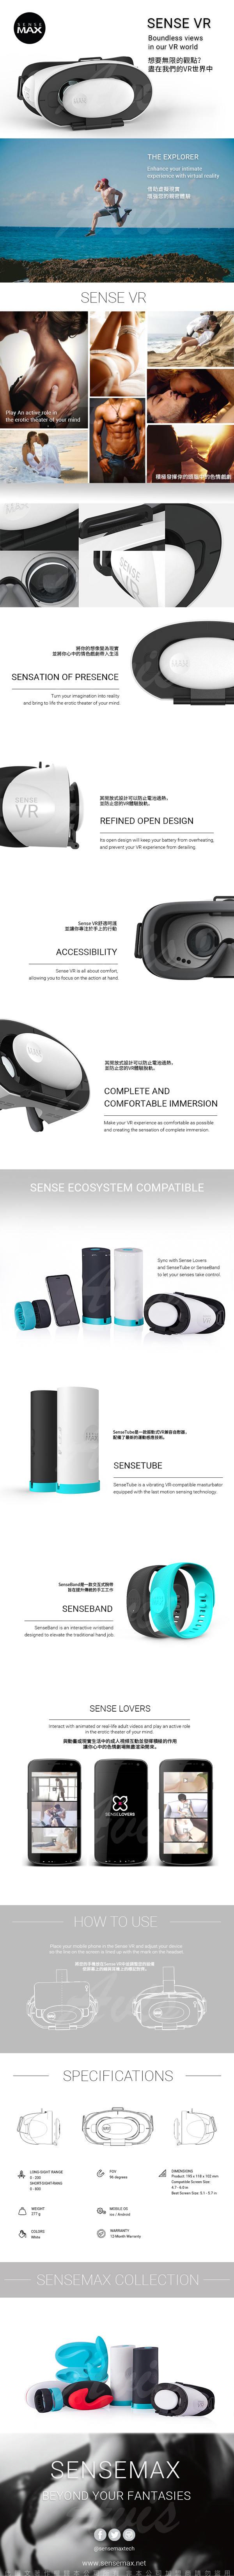 SenseMax-SENSE VR 虛擬實境頭盔 掌上影院 3D眼鏡 智能VR眼鏡